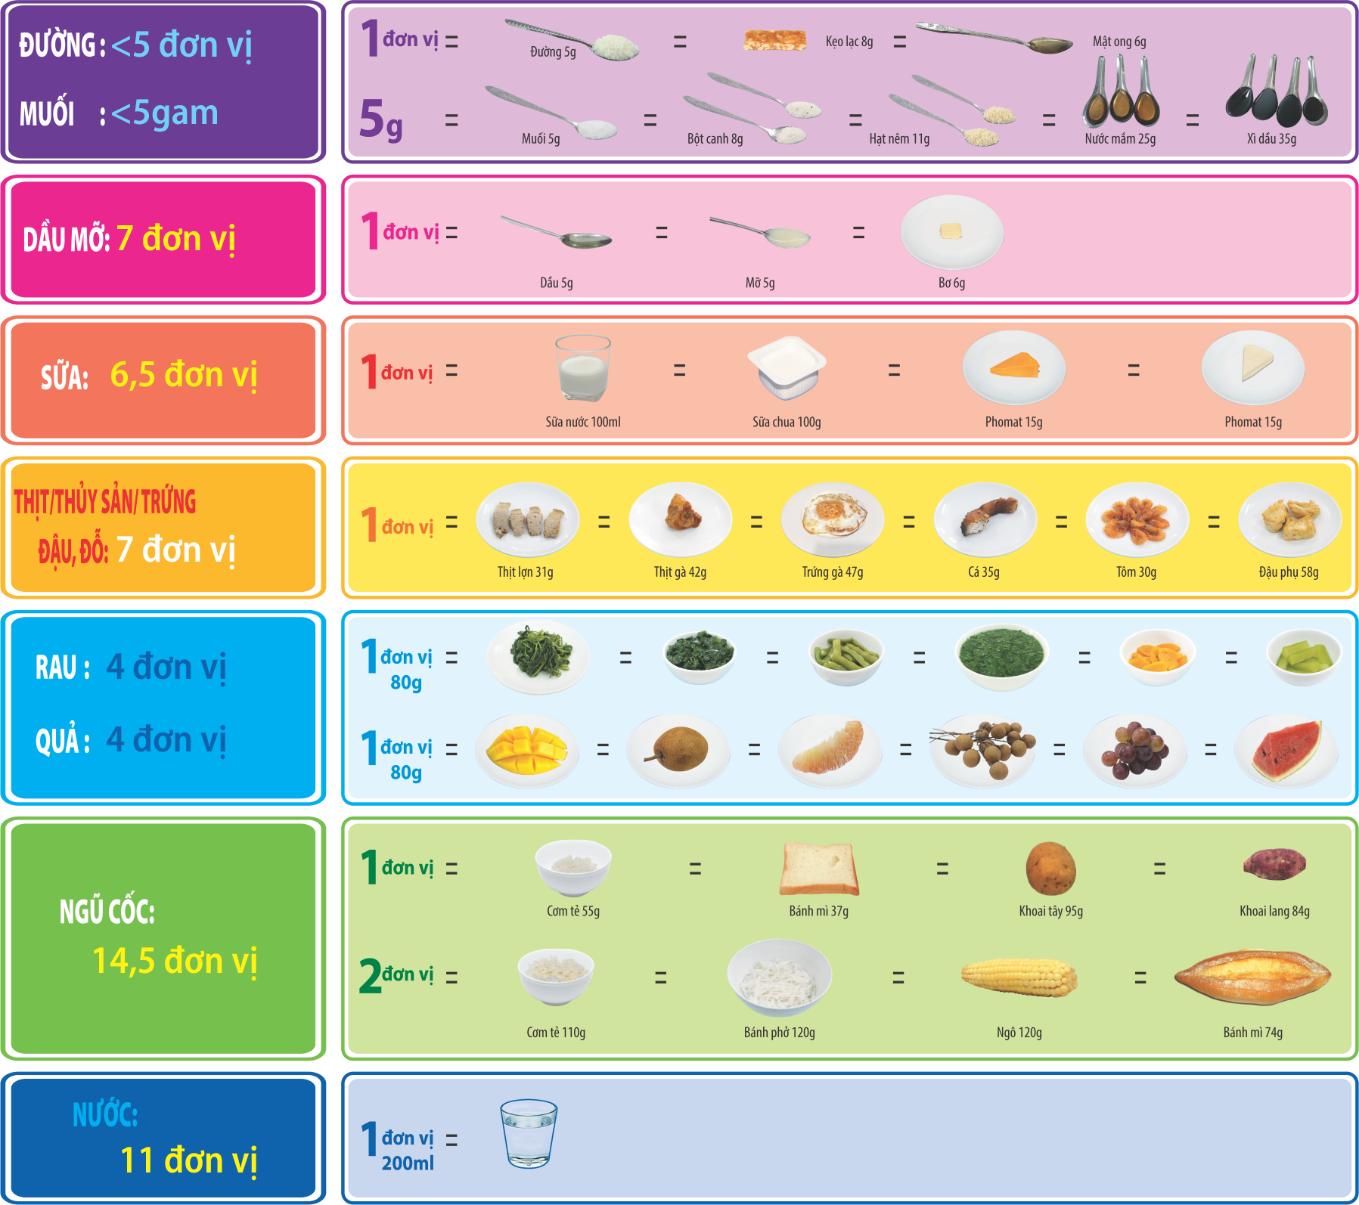 Tháp dinh dưỡng cho bà mẹ sau sinh - Nguồn: Viện Dinh dưỡng Quốc gia